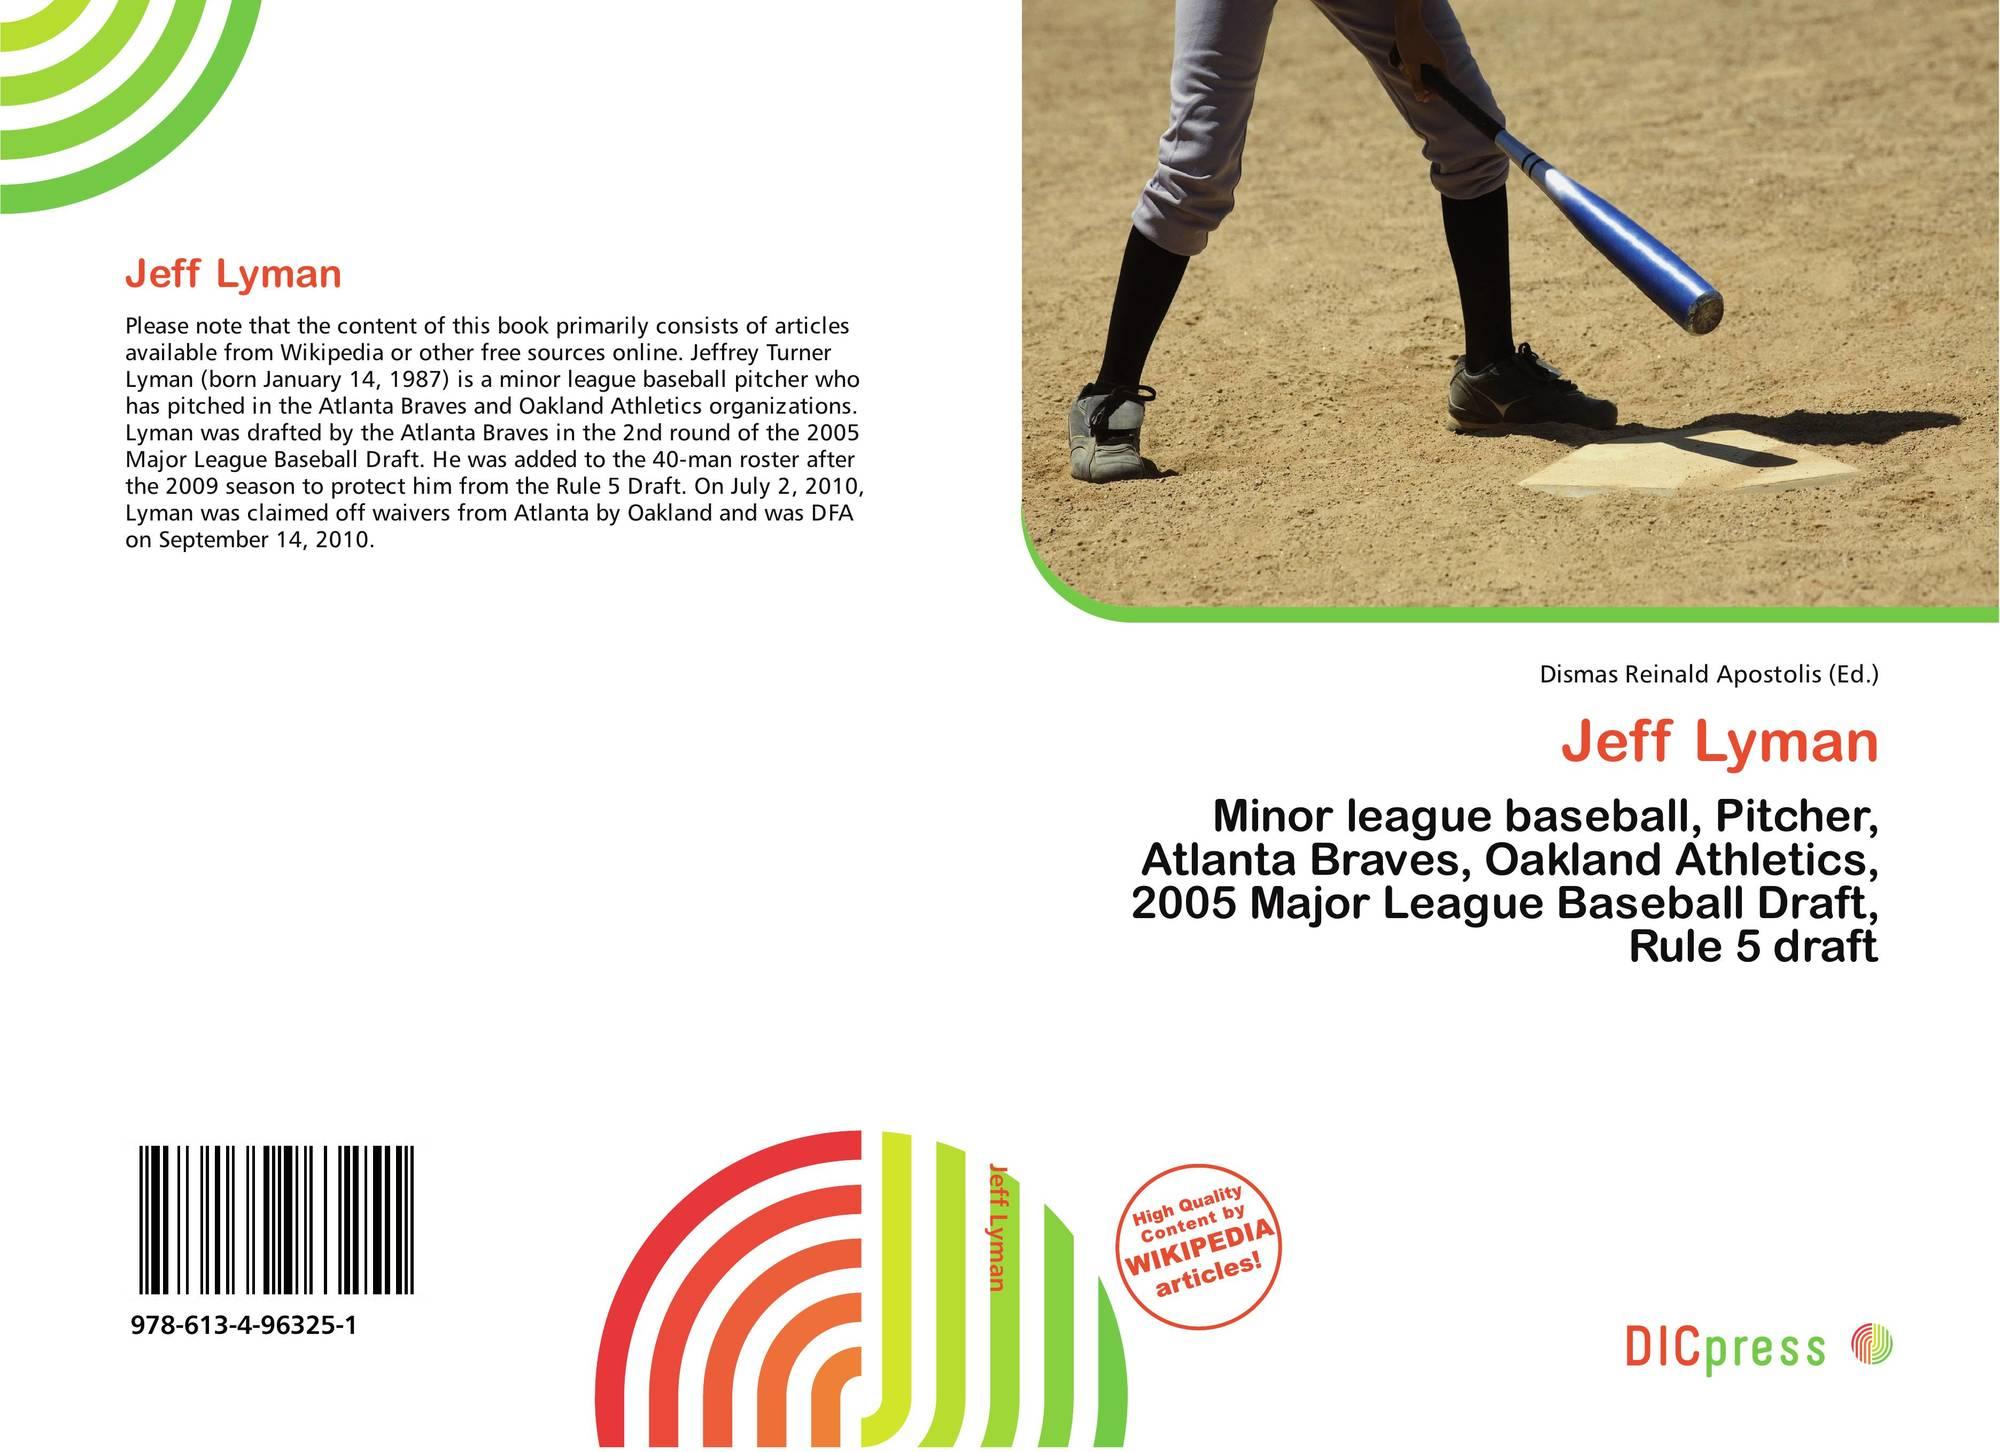 Jeff Lyman, 978-613-4-96325-1, 6134963259 ,9786134963251